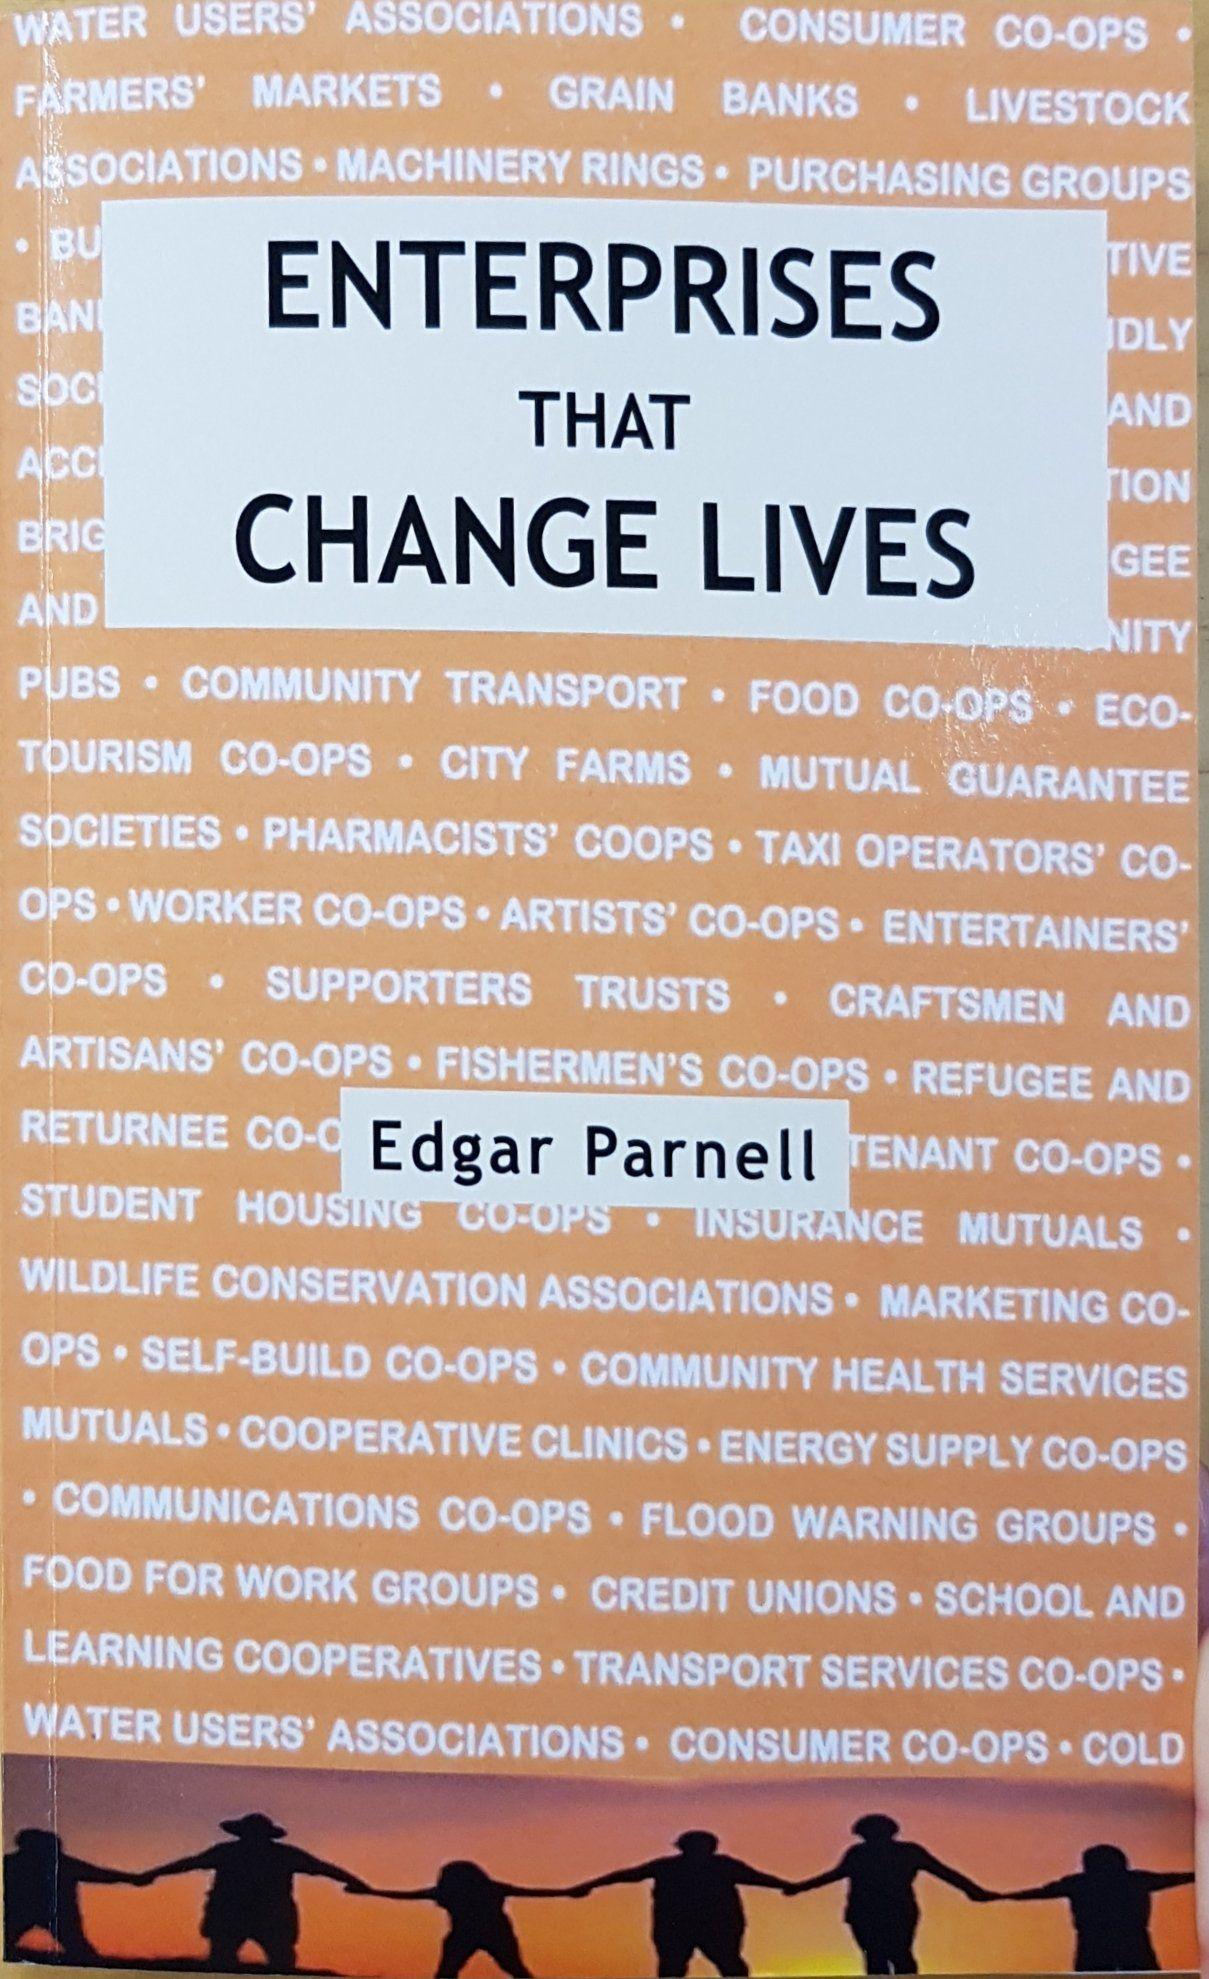 Enterprises that change lives front cover